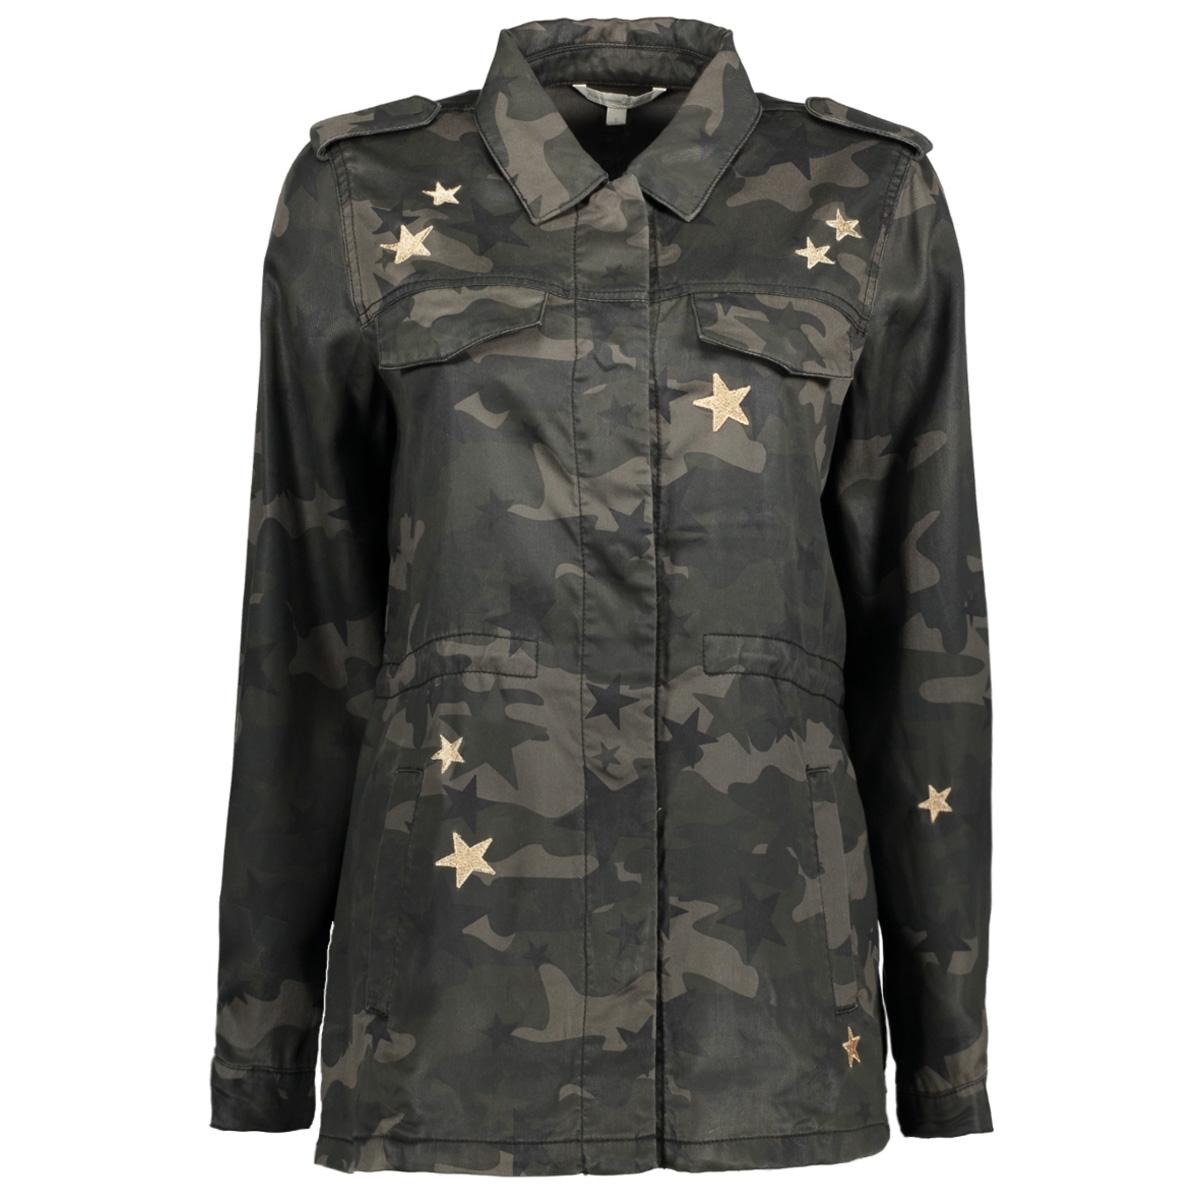 3555093.00.71 tom tailor jas 7074